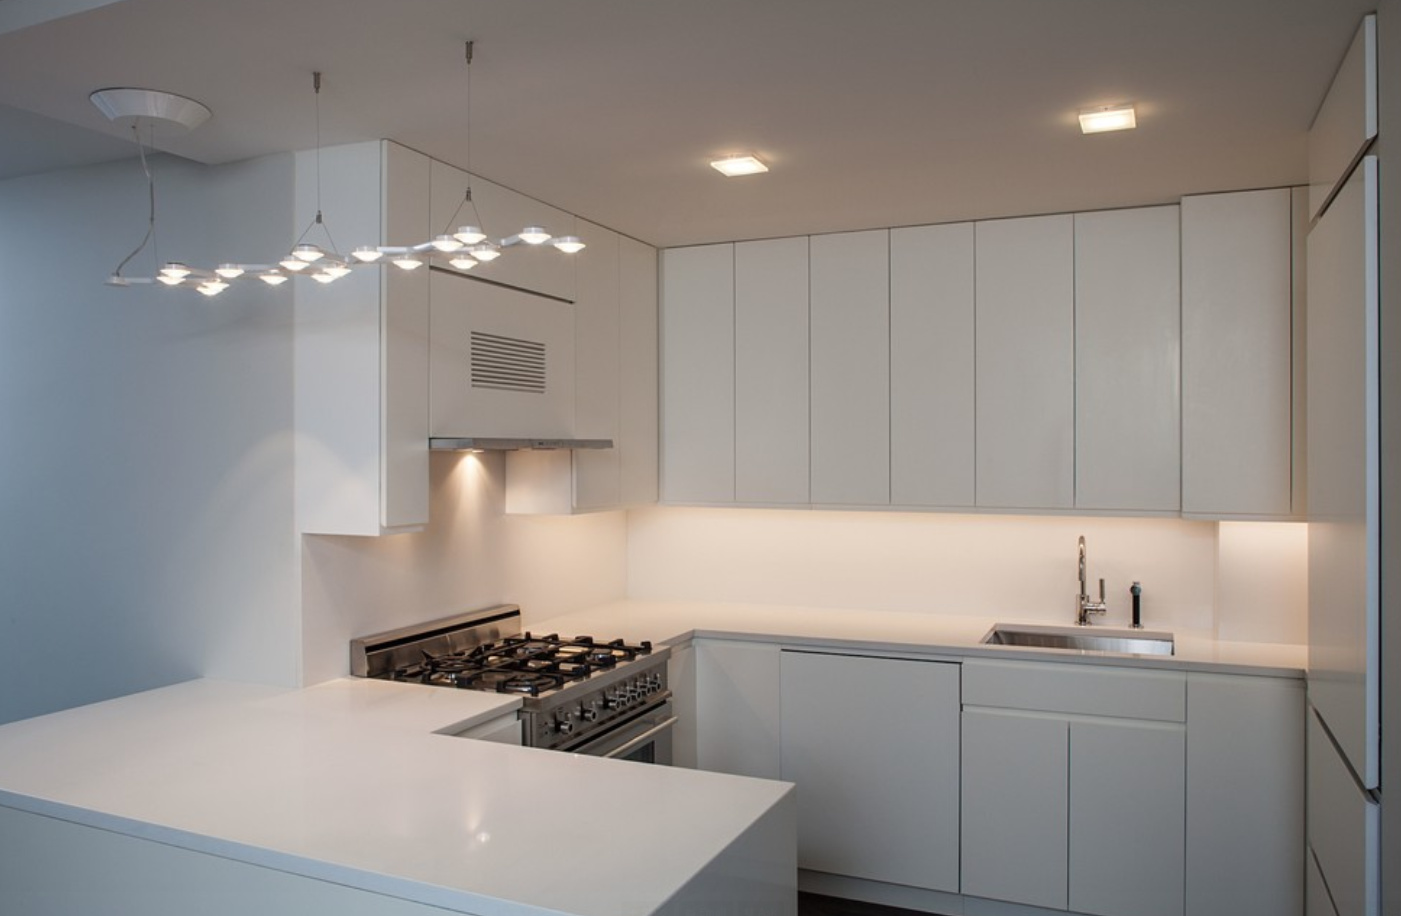 Одноуровневый потолок из гипсокартона в небольшой кухне